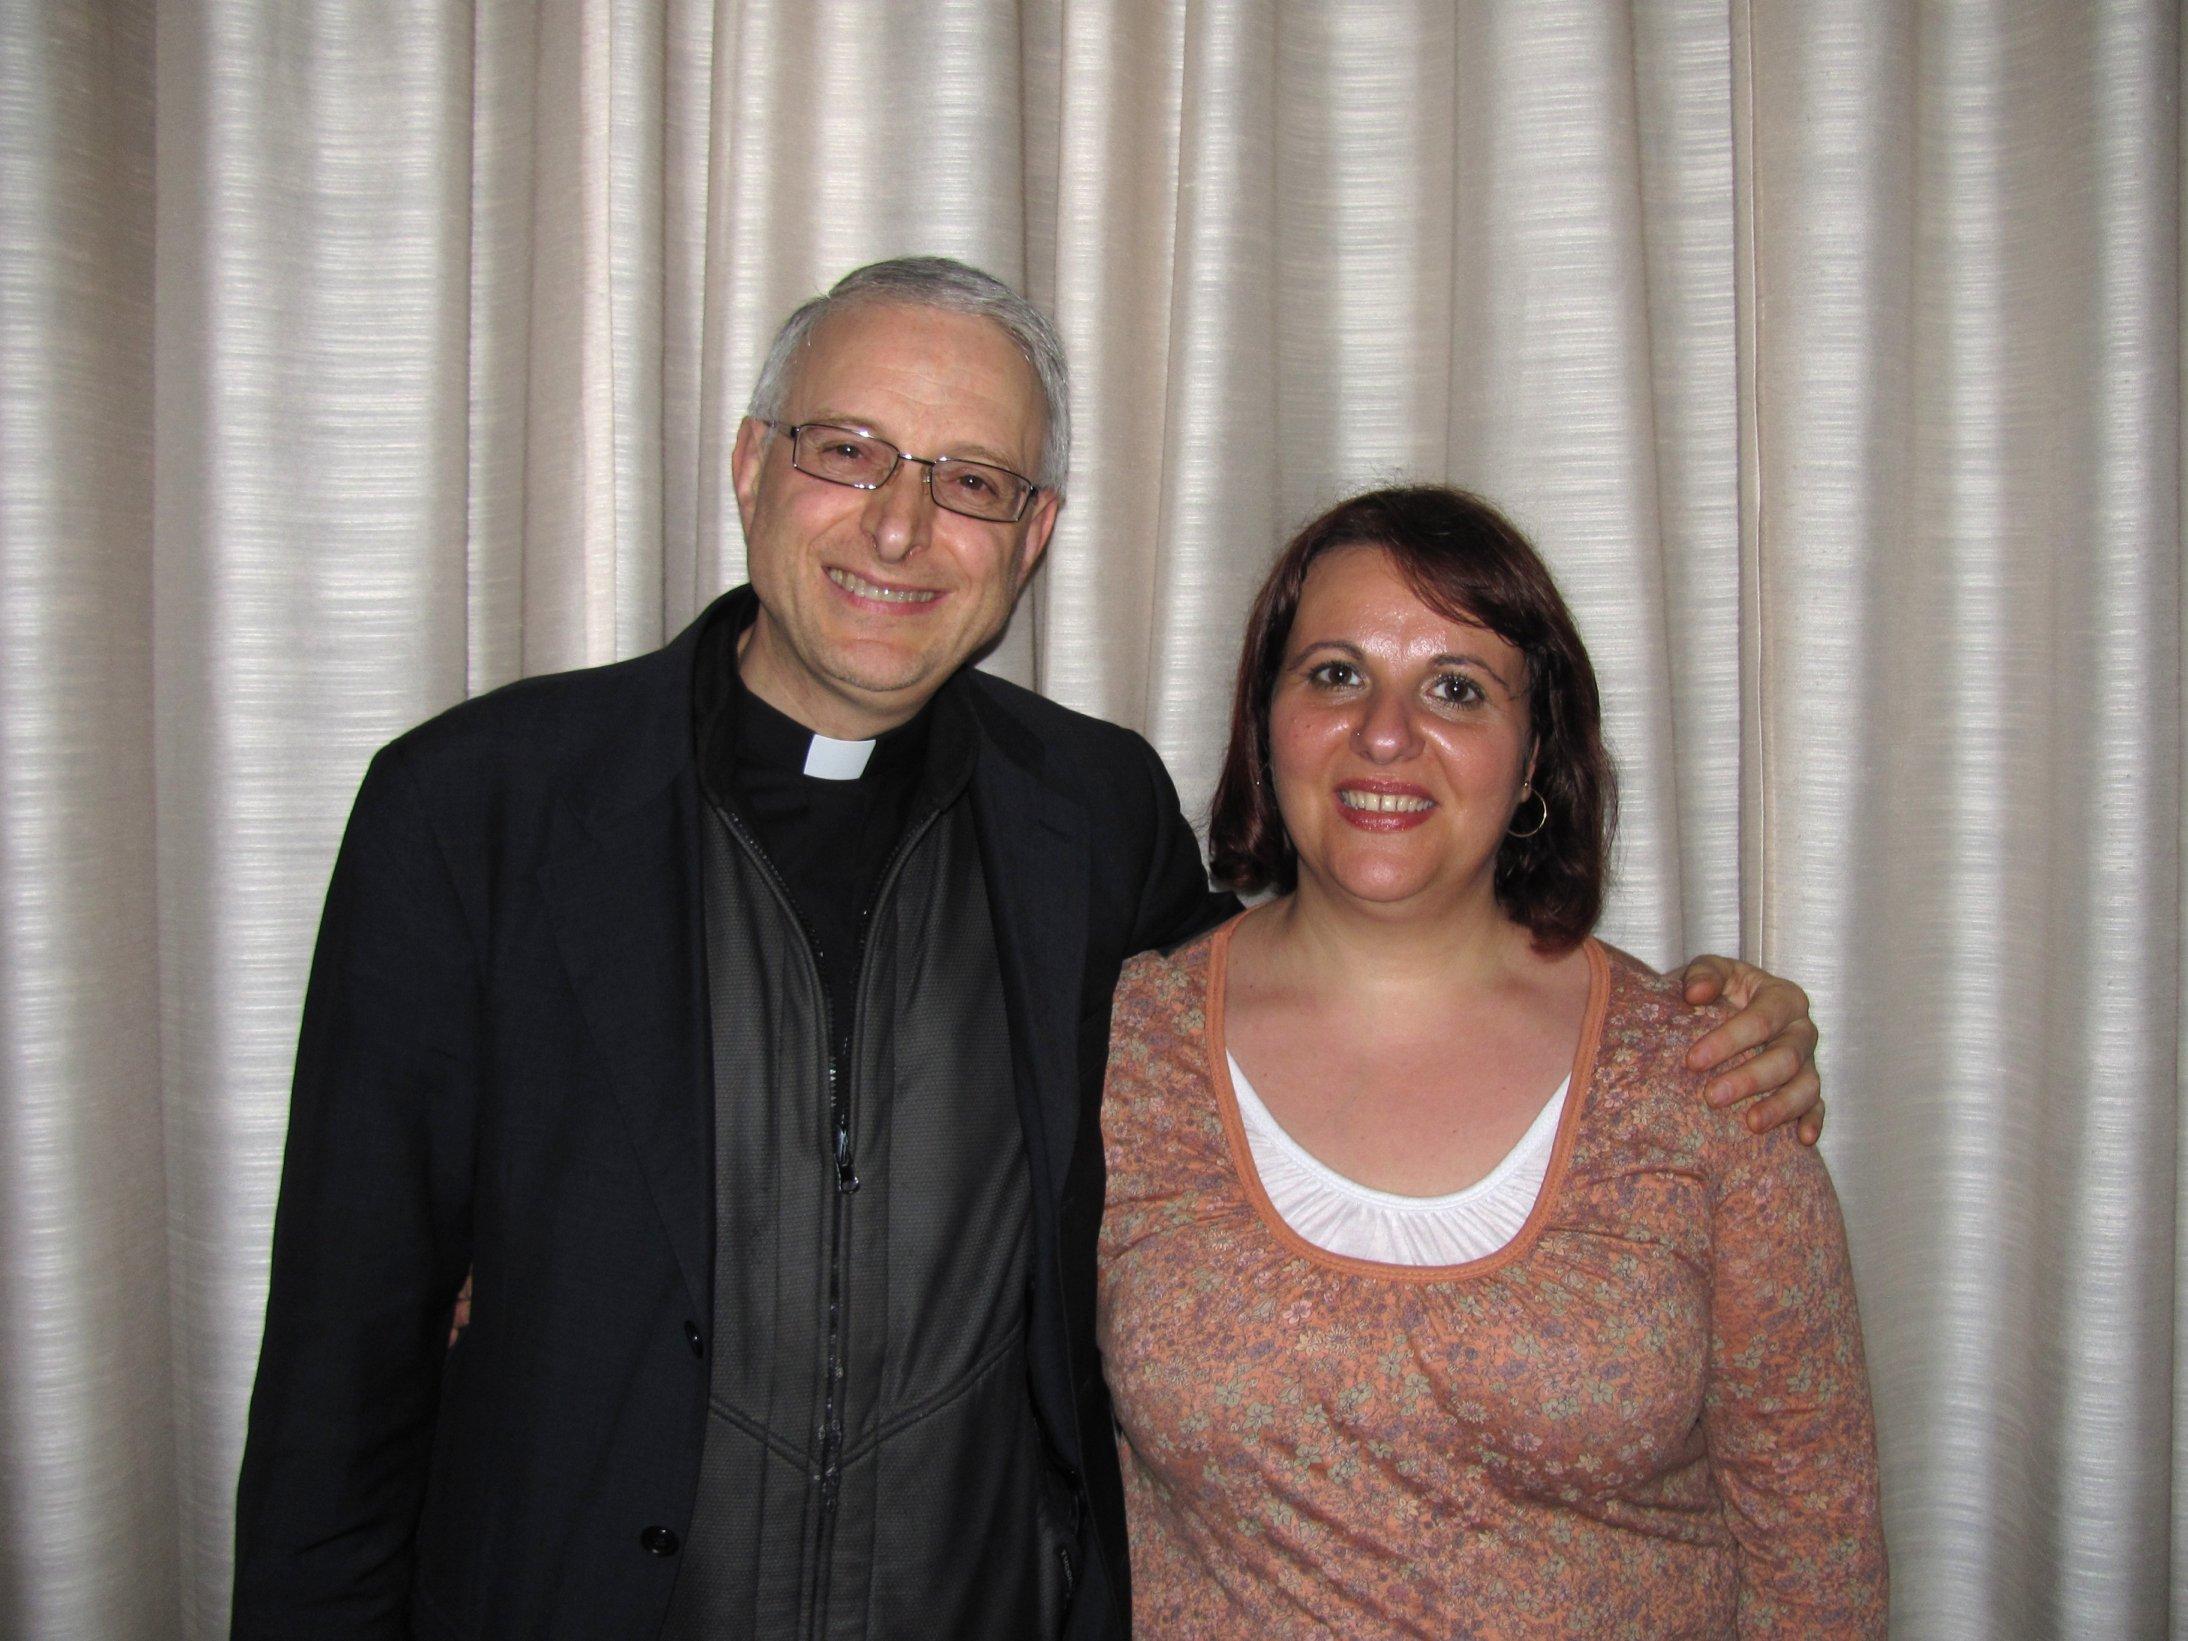 chiusura_anno_catechiste_2013-06-14-20-56-09